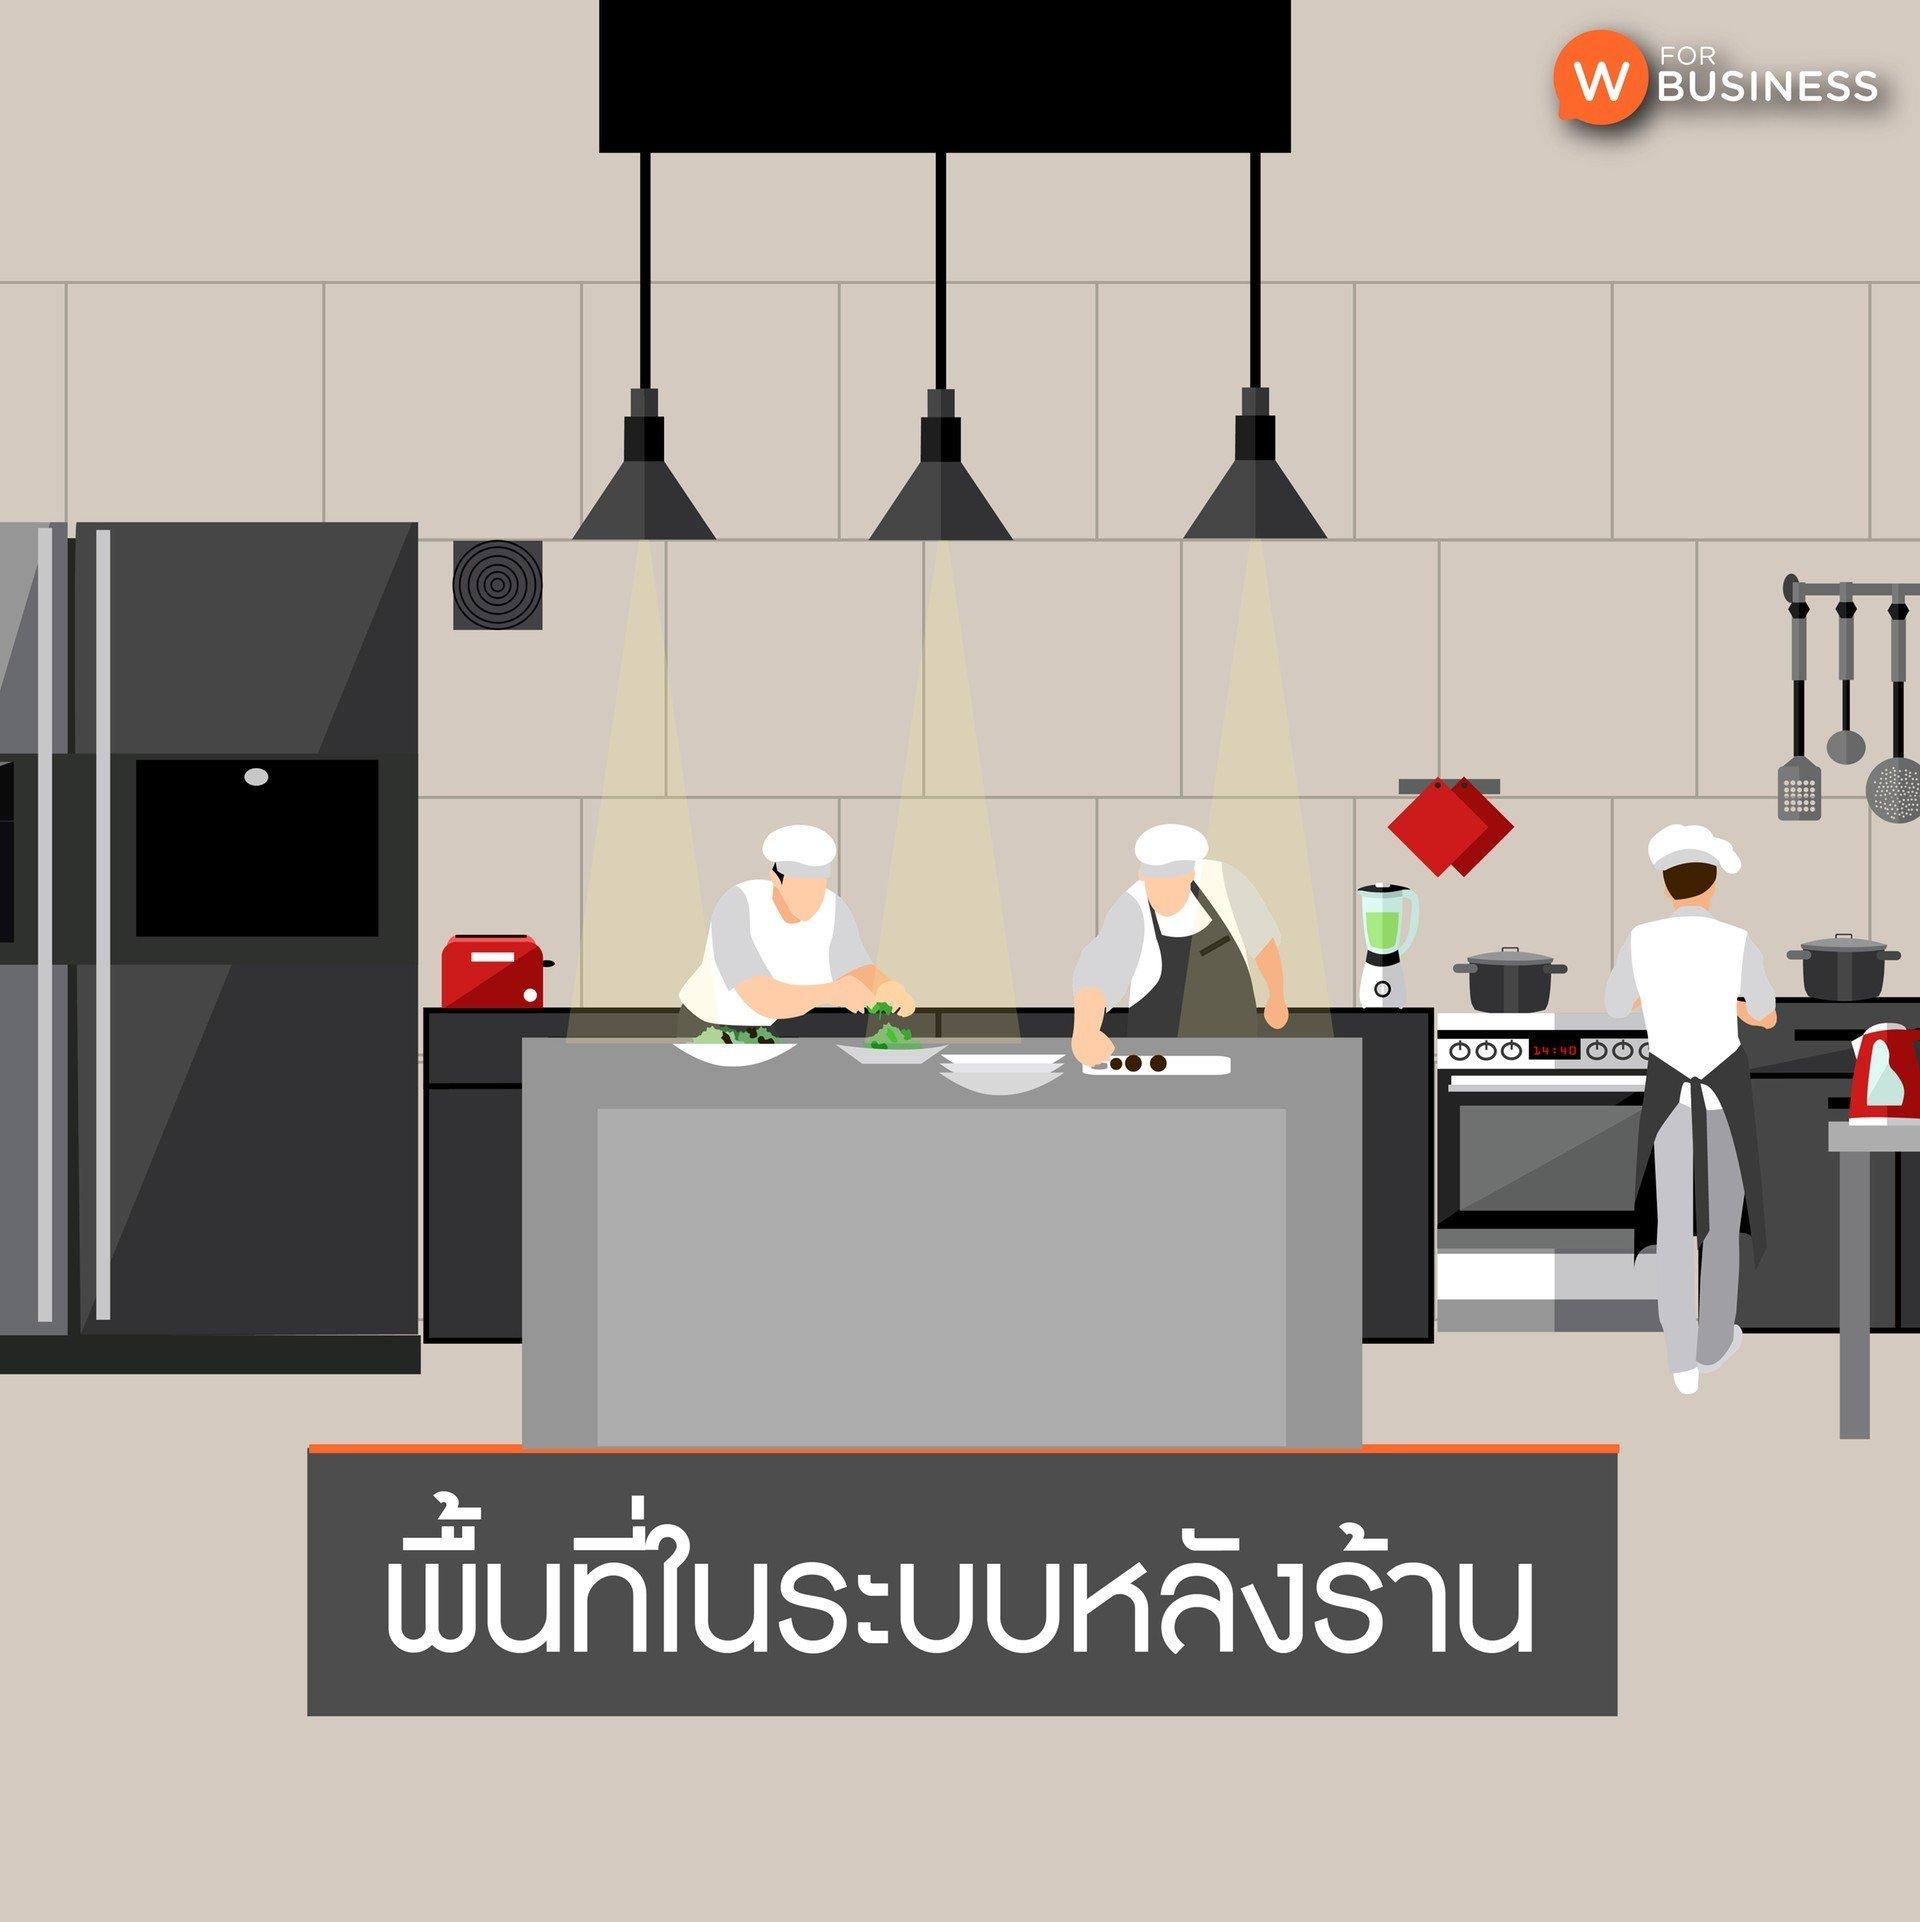 การออกแบบพื้นที่ครัวร้านอาหาร